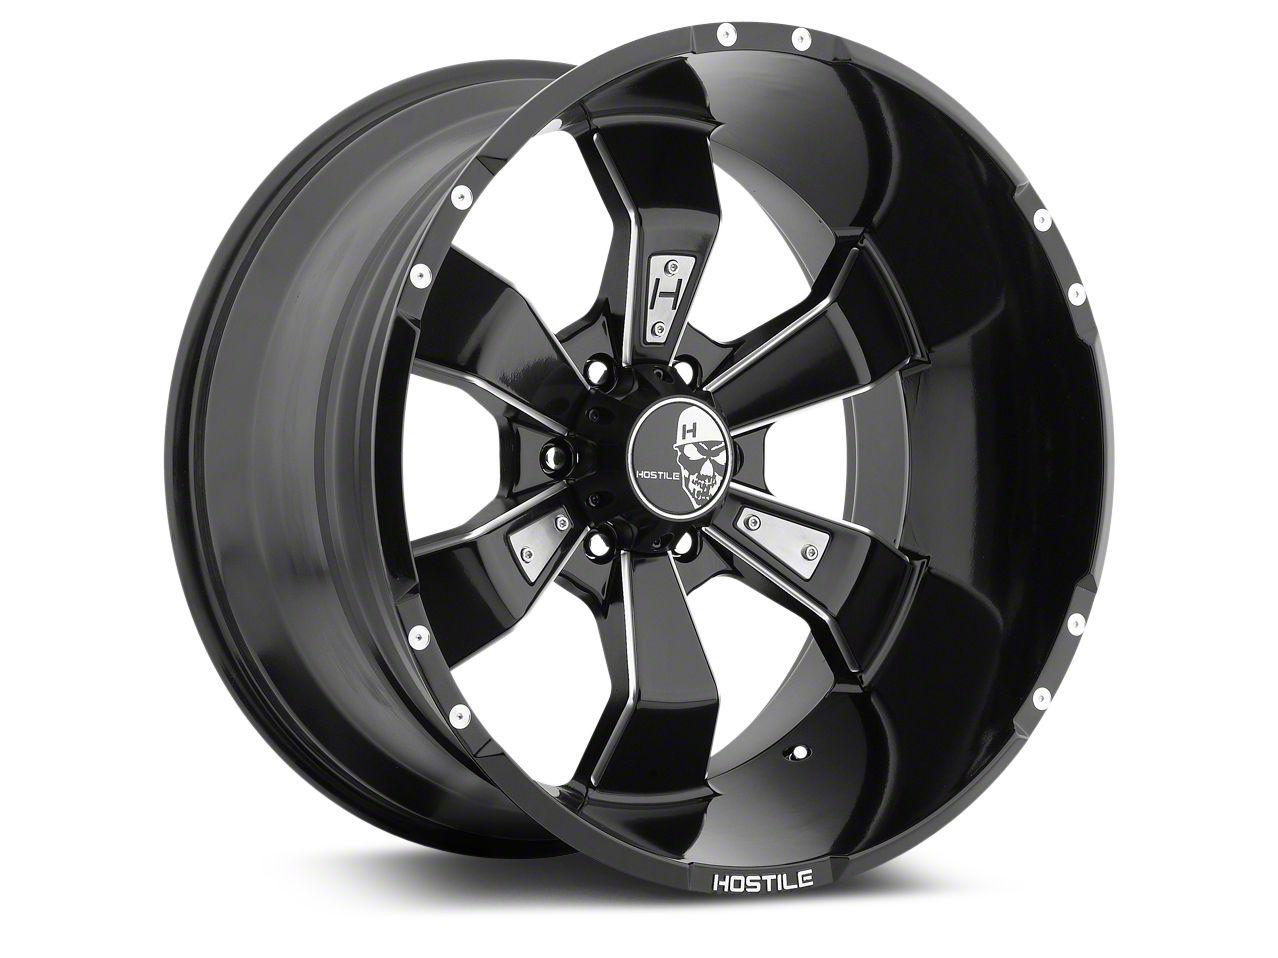 Hostile Hammered Blade Cut 6-Lug Wheel - 20x9 (07-18 Silverado 1500)